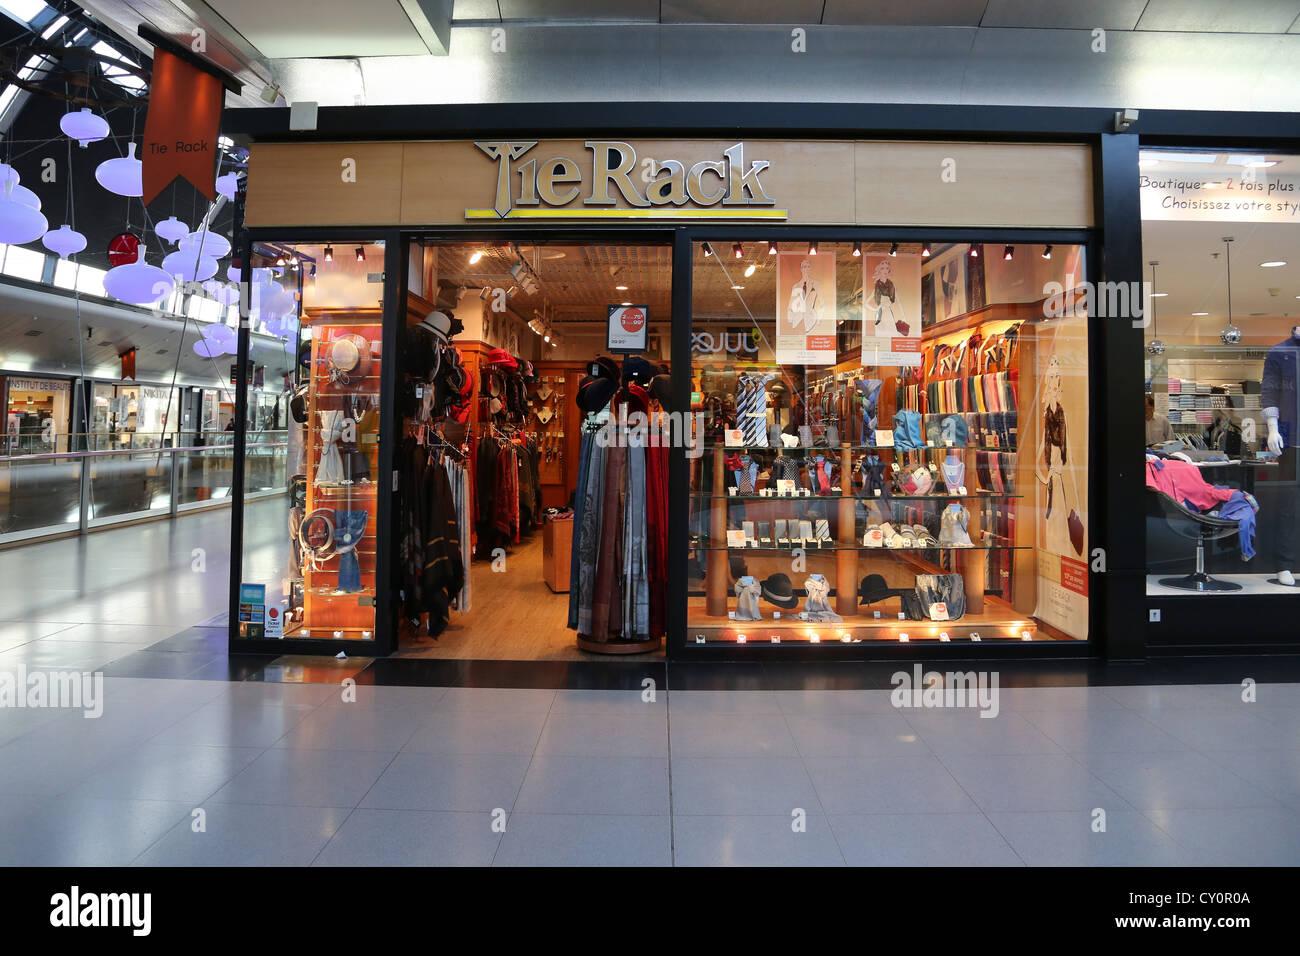 Calais France Cite Europe Tie Rack Accessories Shop Stock Photo ...